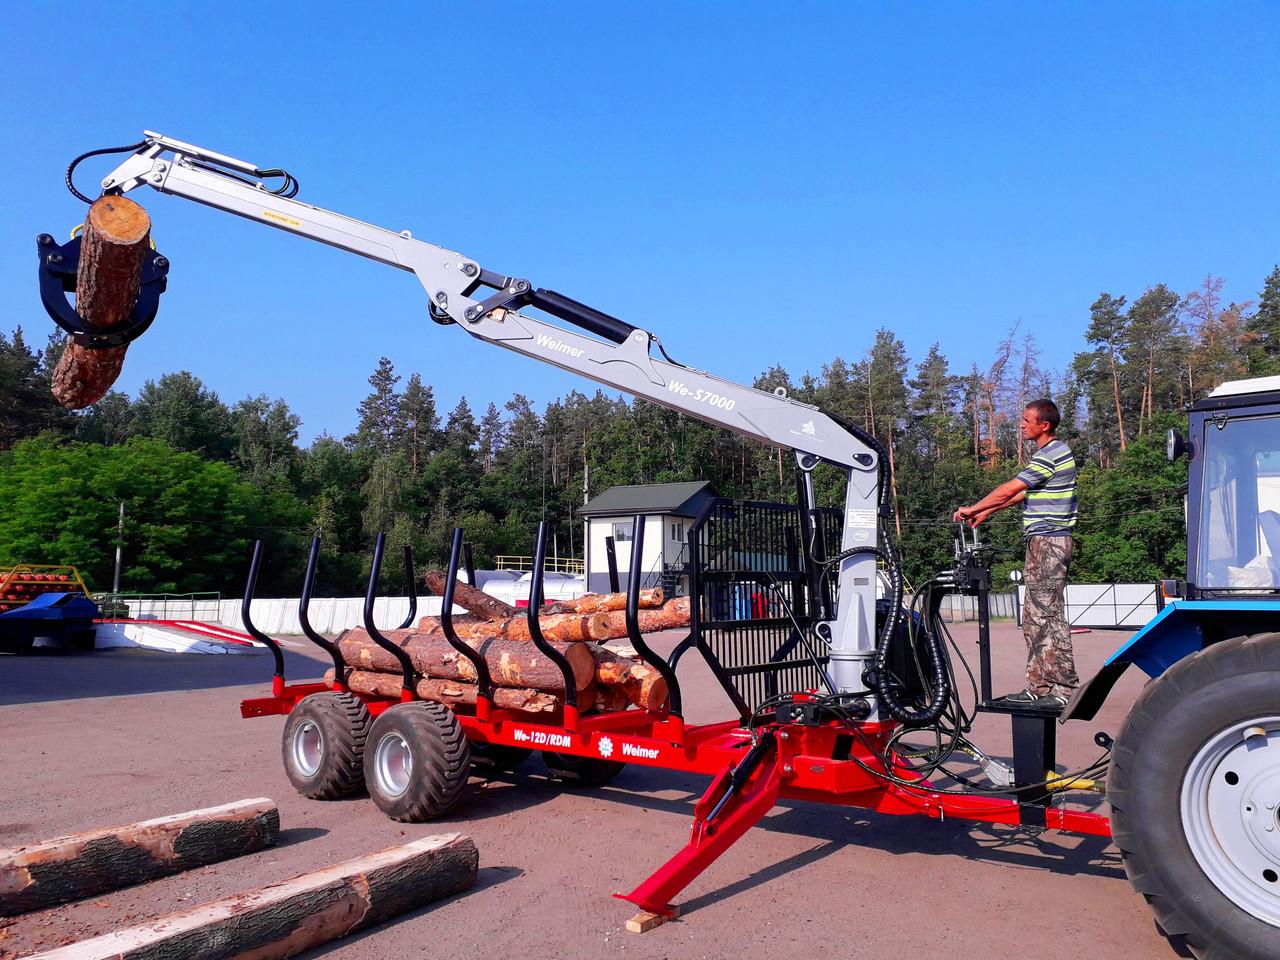 Гидроманипулятор для леса We-S7000 Weimer (Эстония)